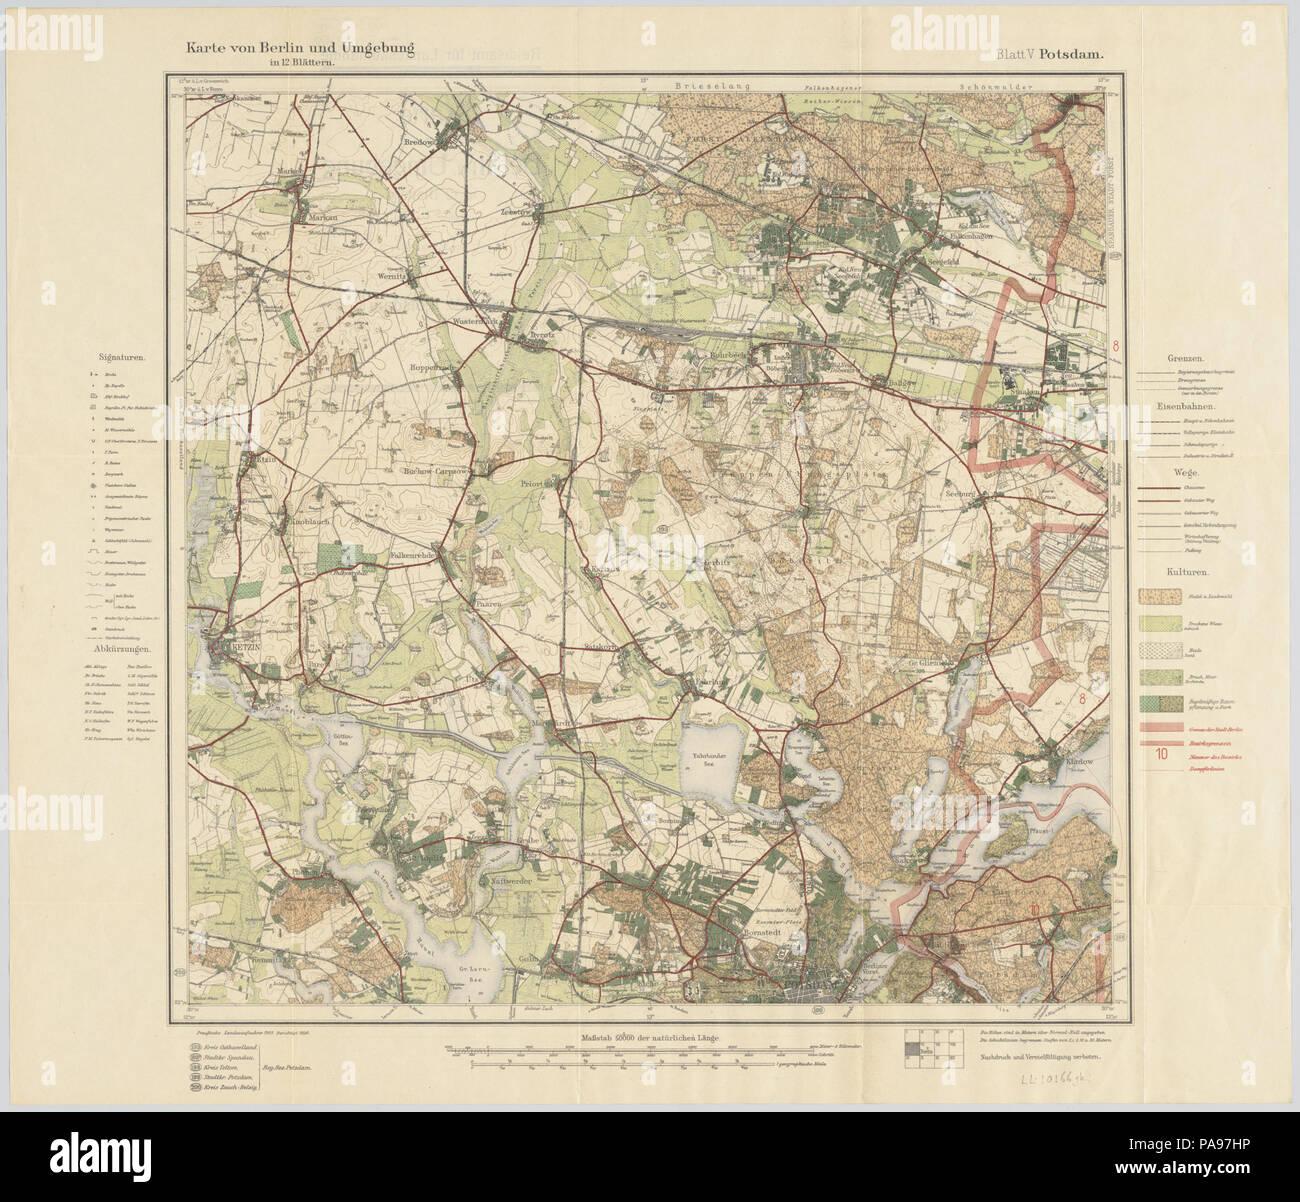 Berlin Potsdam Karte.146 Karte Von Berlin Und Umgebung 1922 In 12 Blättern V Potsdam